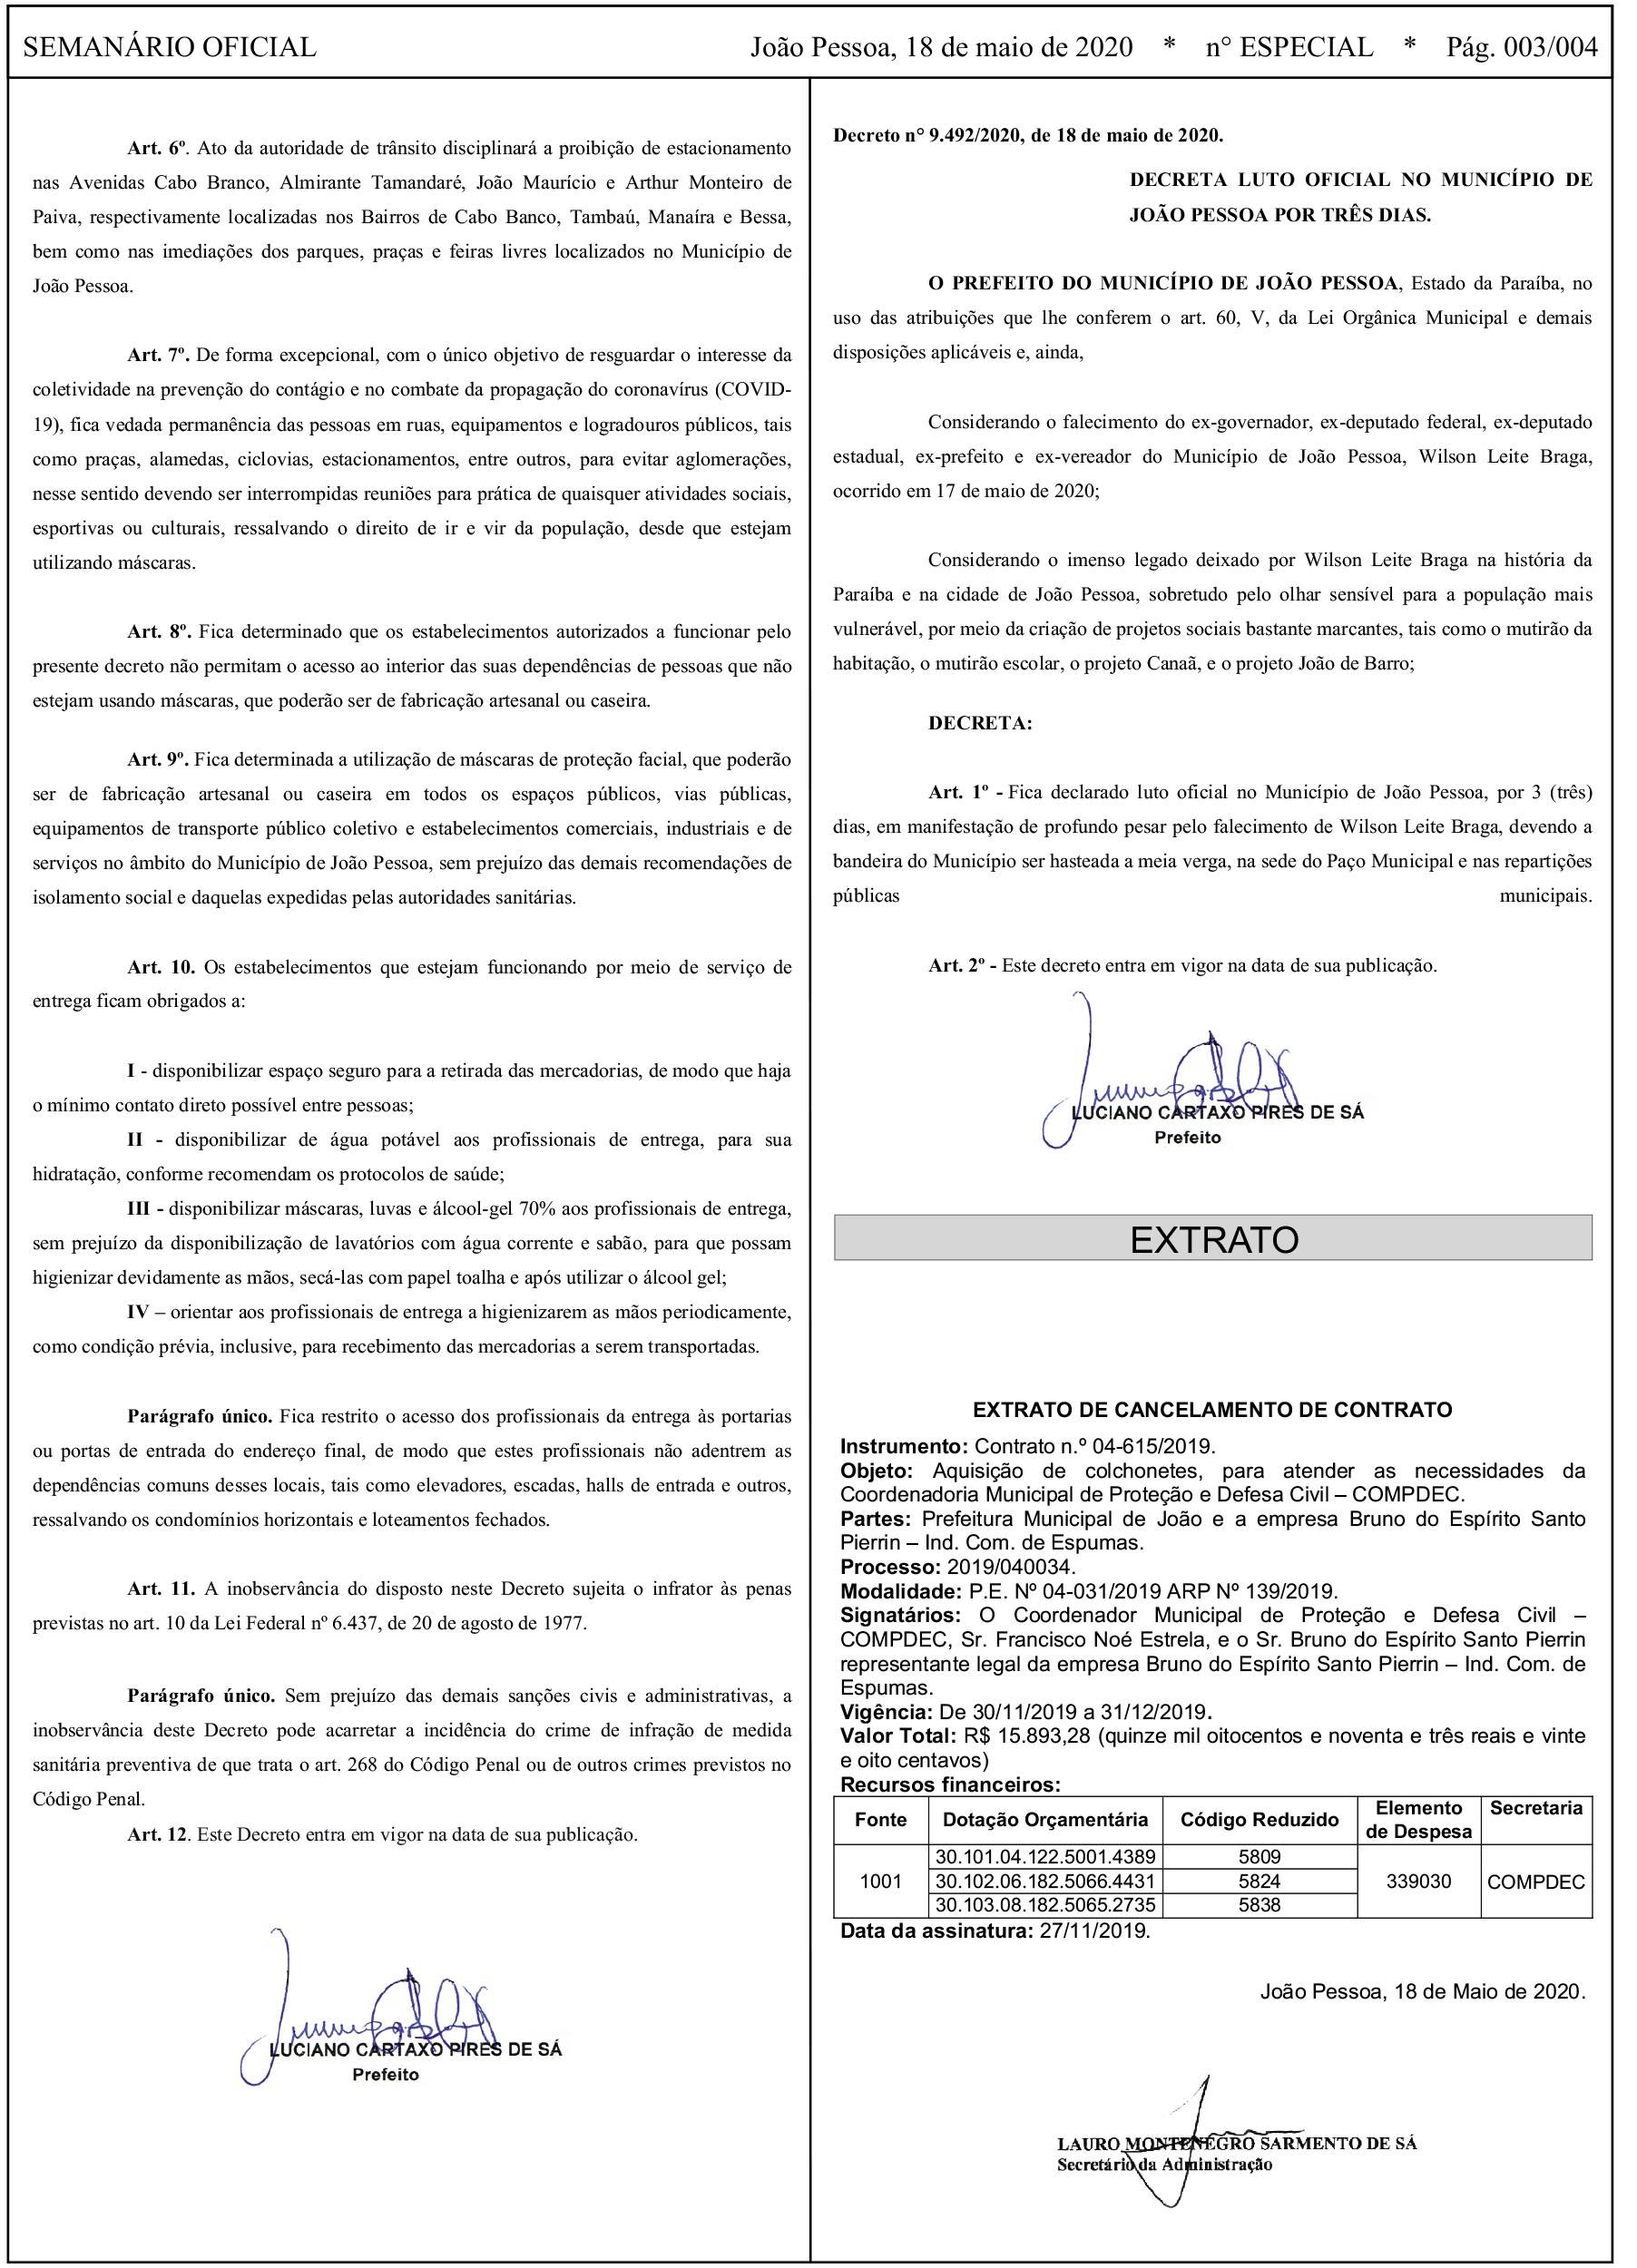 Decreto prorroga isolamento social em João Pessoa até 31 de maio e mantém  proibição de acesso a praias, praças e parques - ClickPB